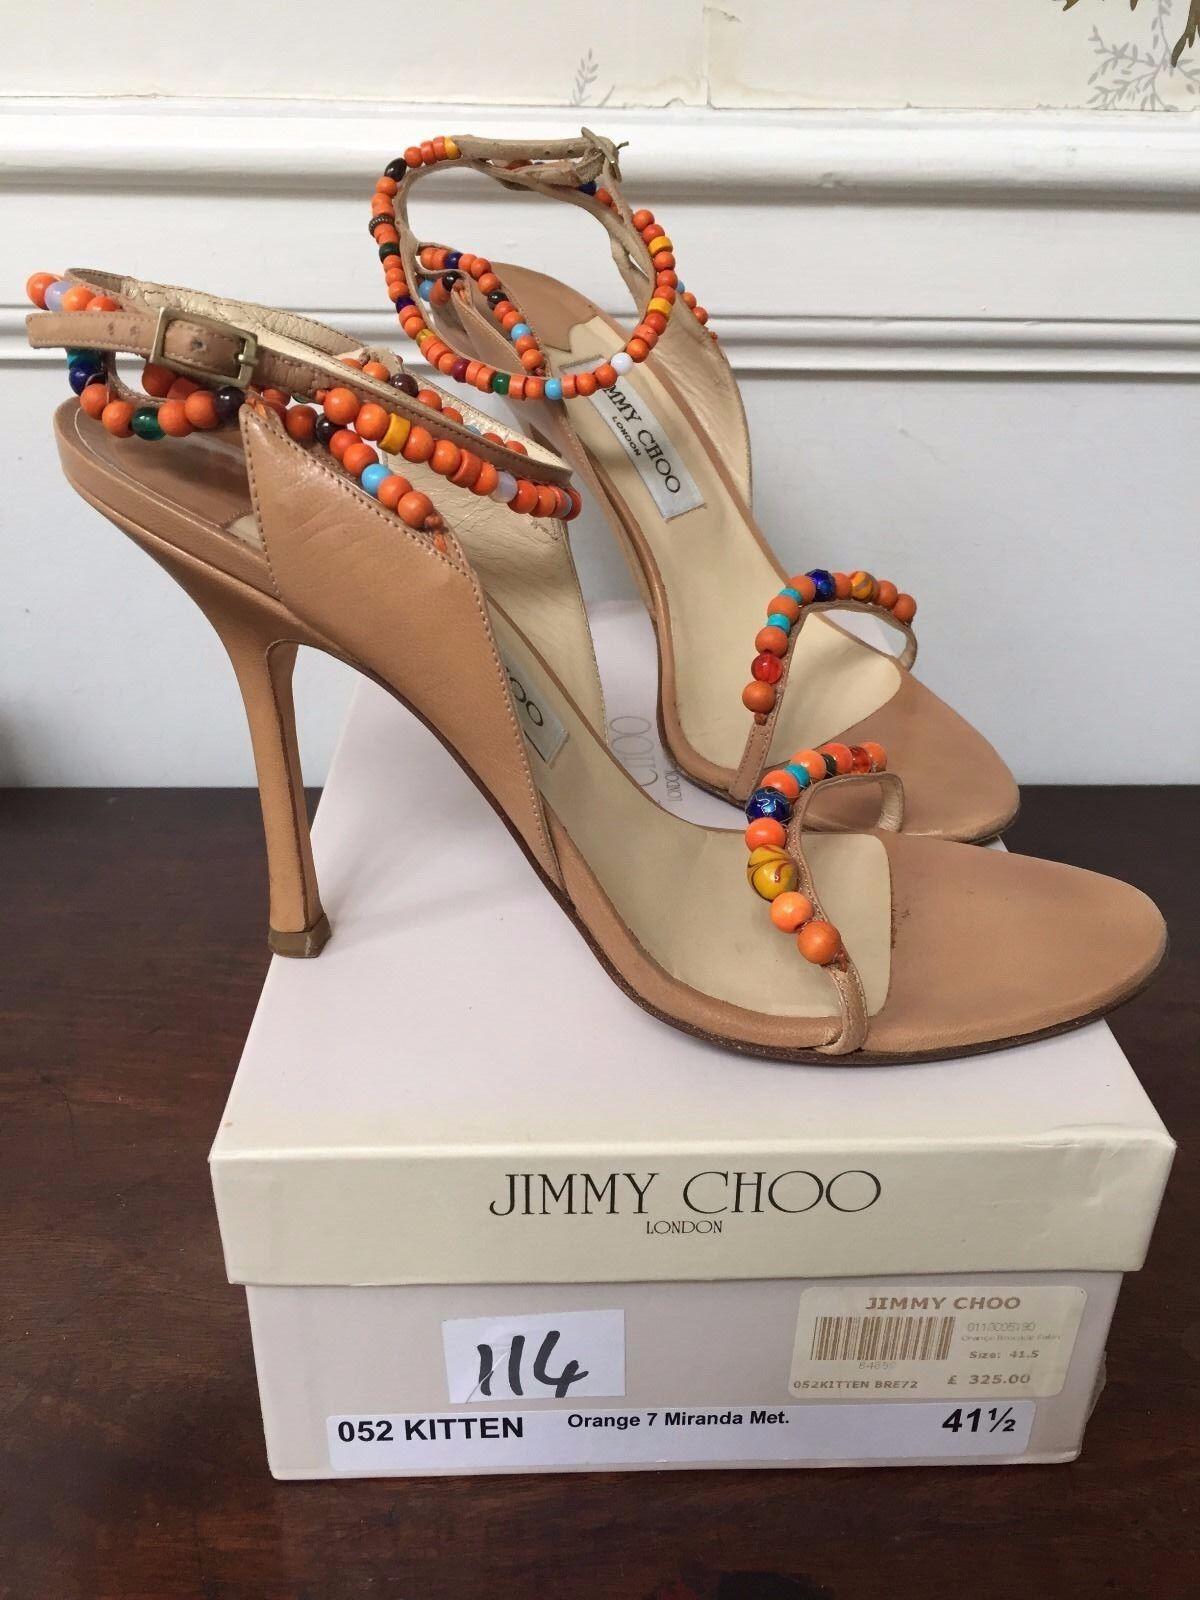 Jimmy Choo Gatito Naranja Naranja Naranja Miranda Tamaño del zapato 41 UK8  buena calidad